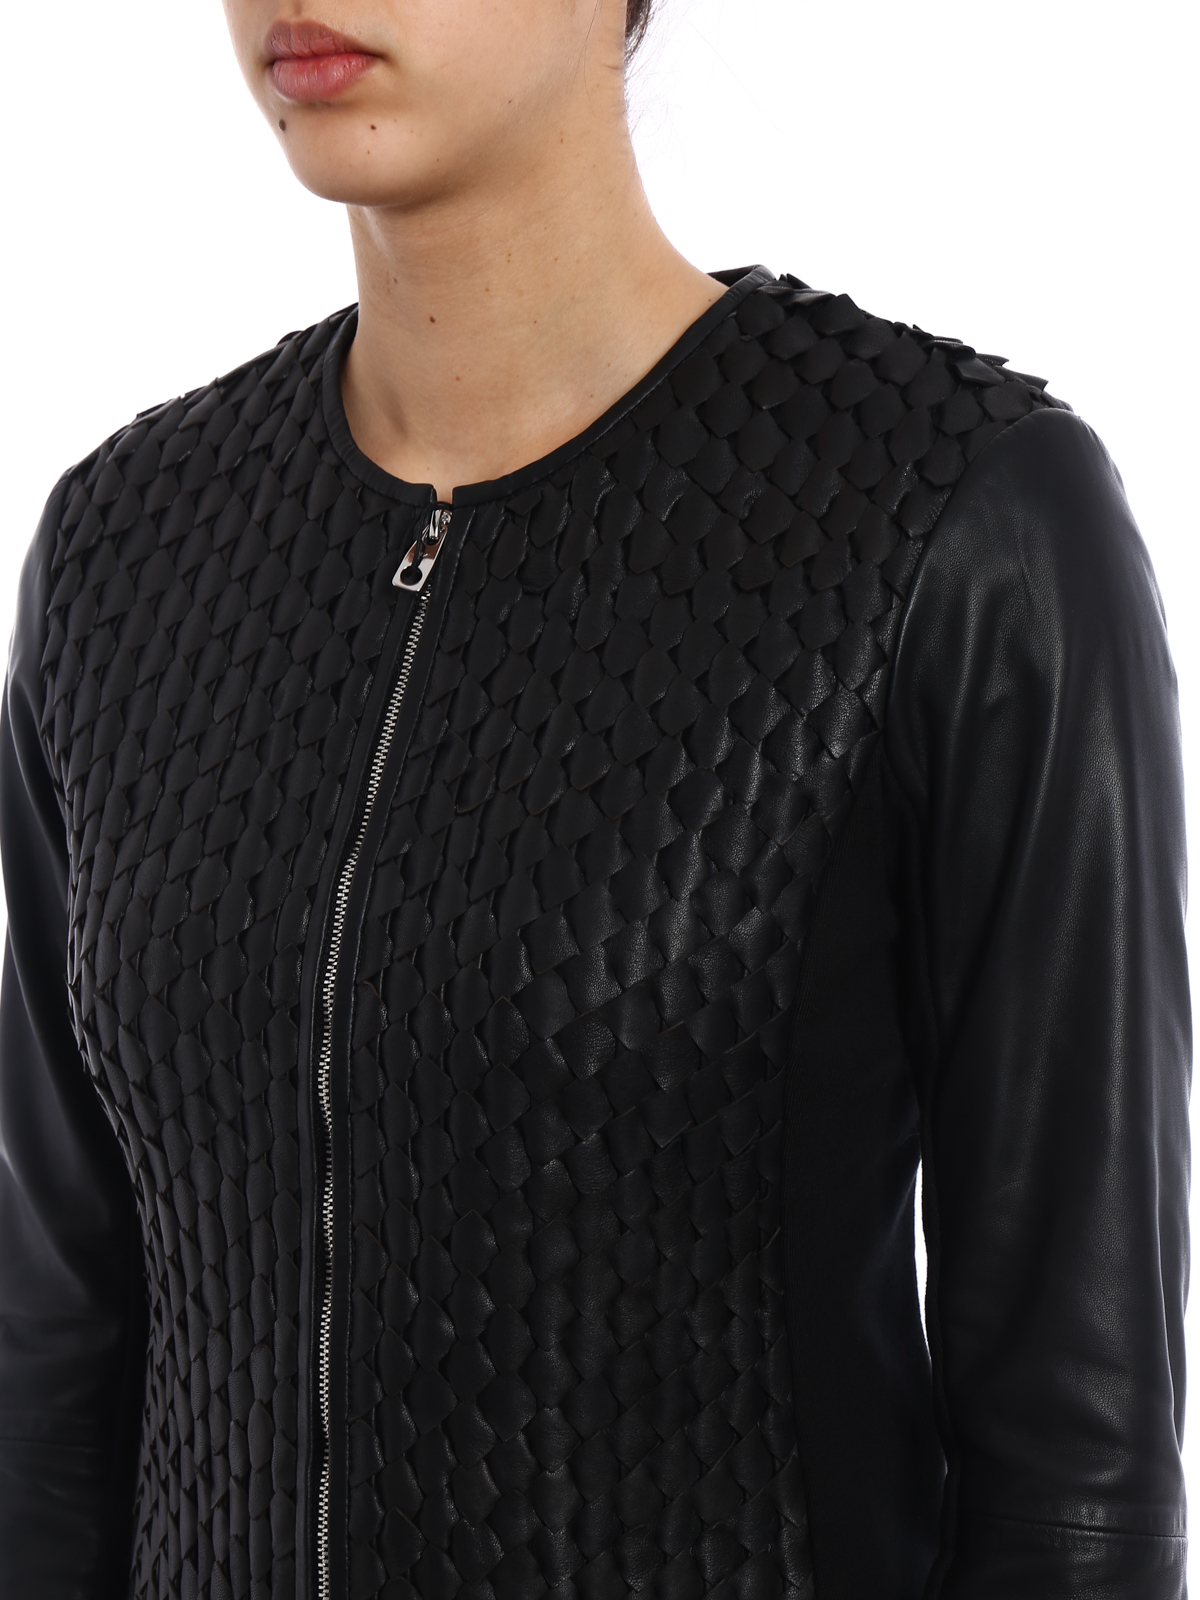 Blouson Noir Armani Emporio Cuir En Vestes qx6xZ57